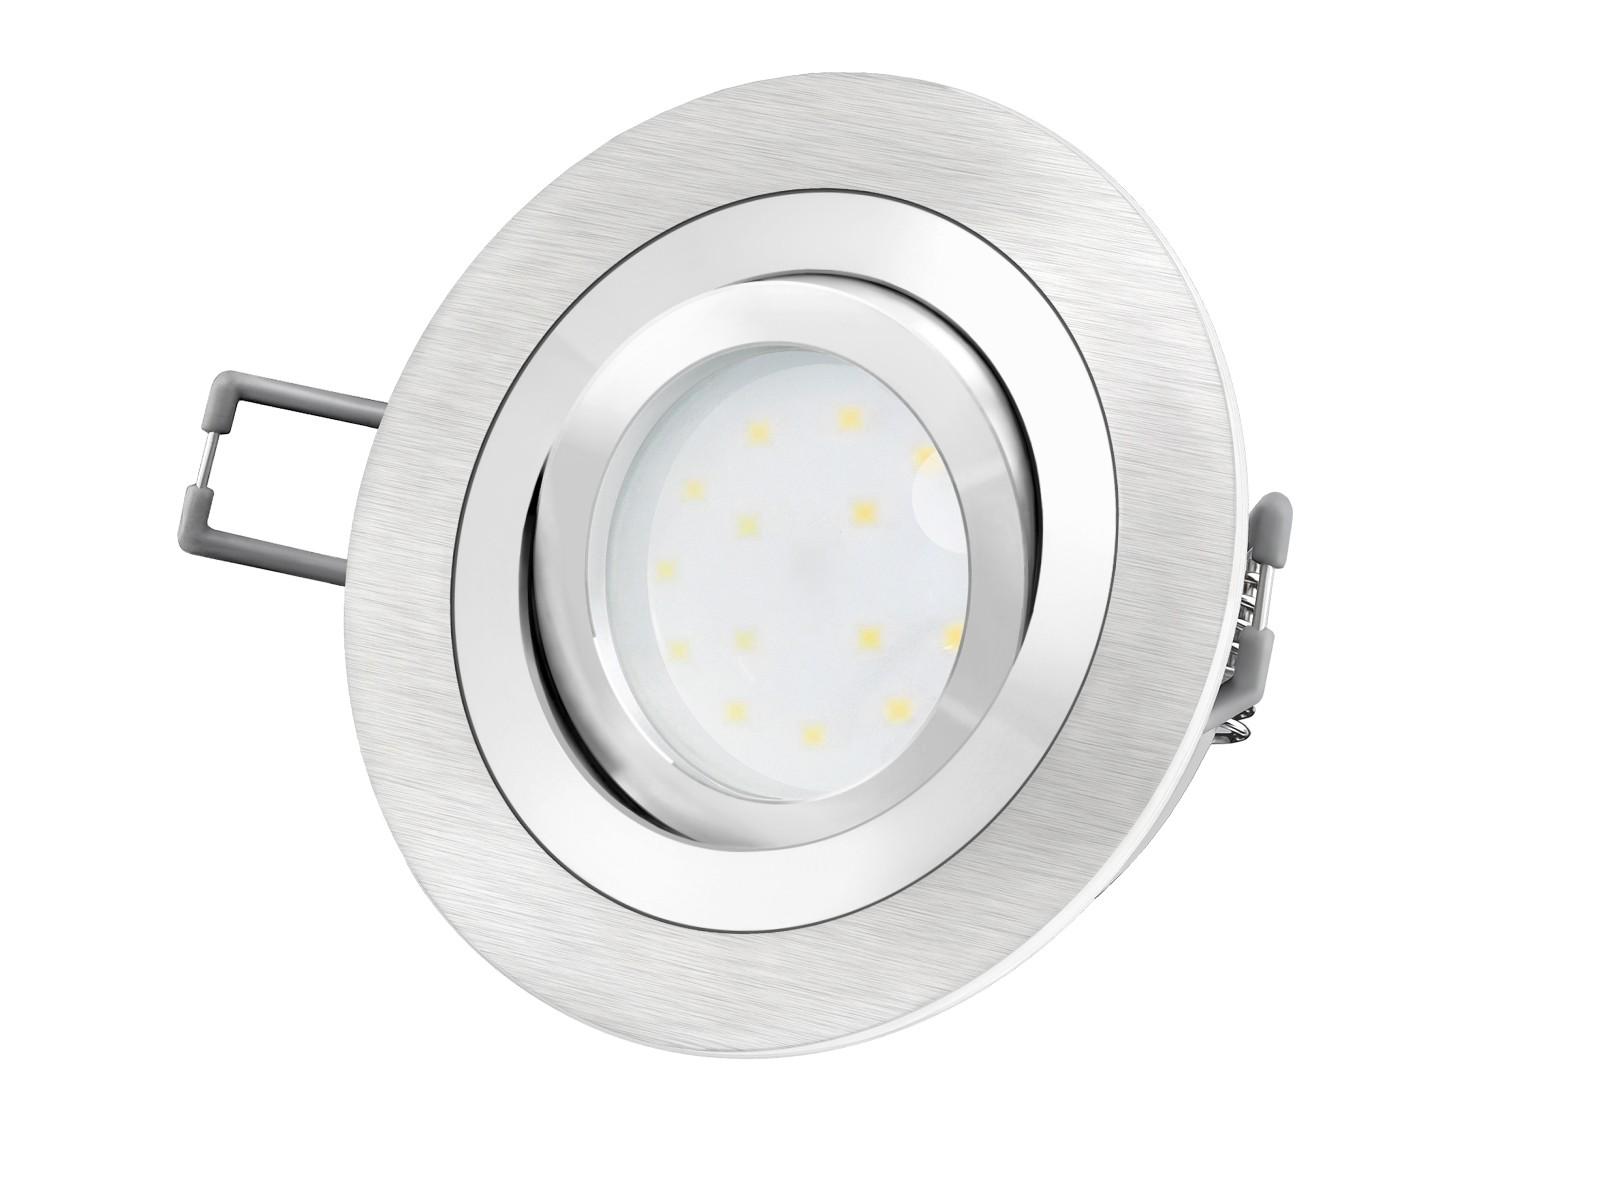 RF 20 Aluminium LED Einbauleuchte flach rund inkl. LED Modul 2030V, 20W SMD,  warm weiß 20700K